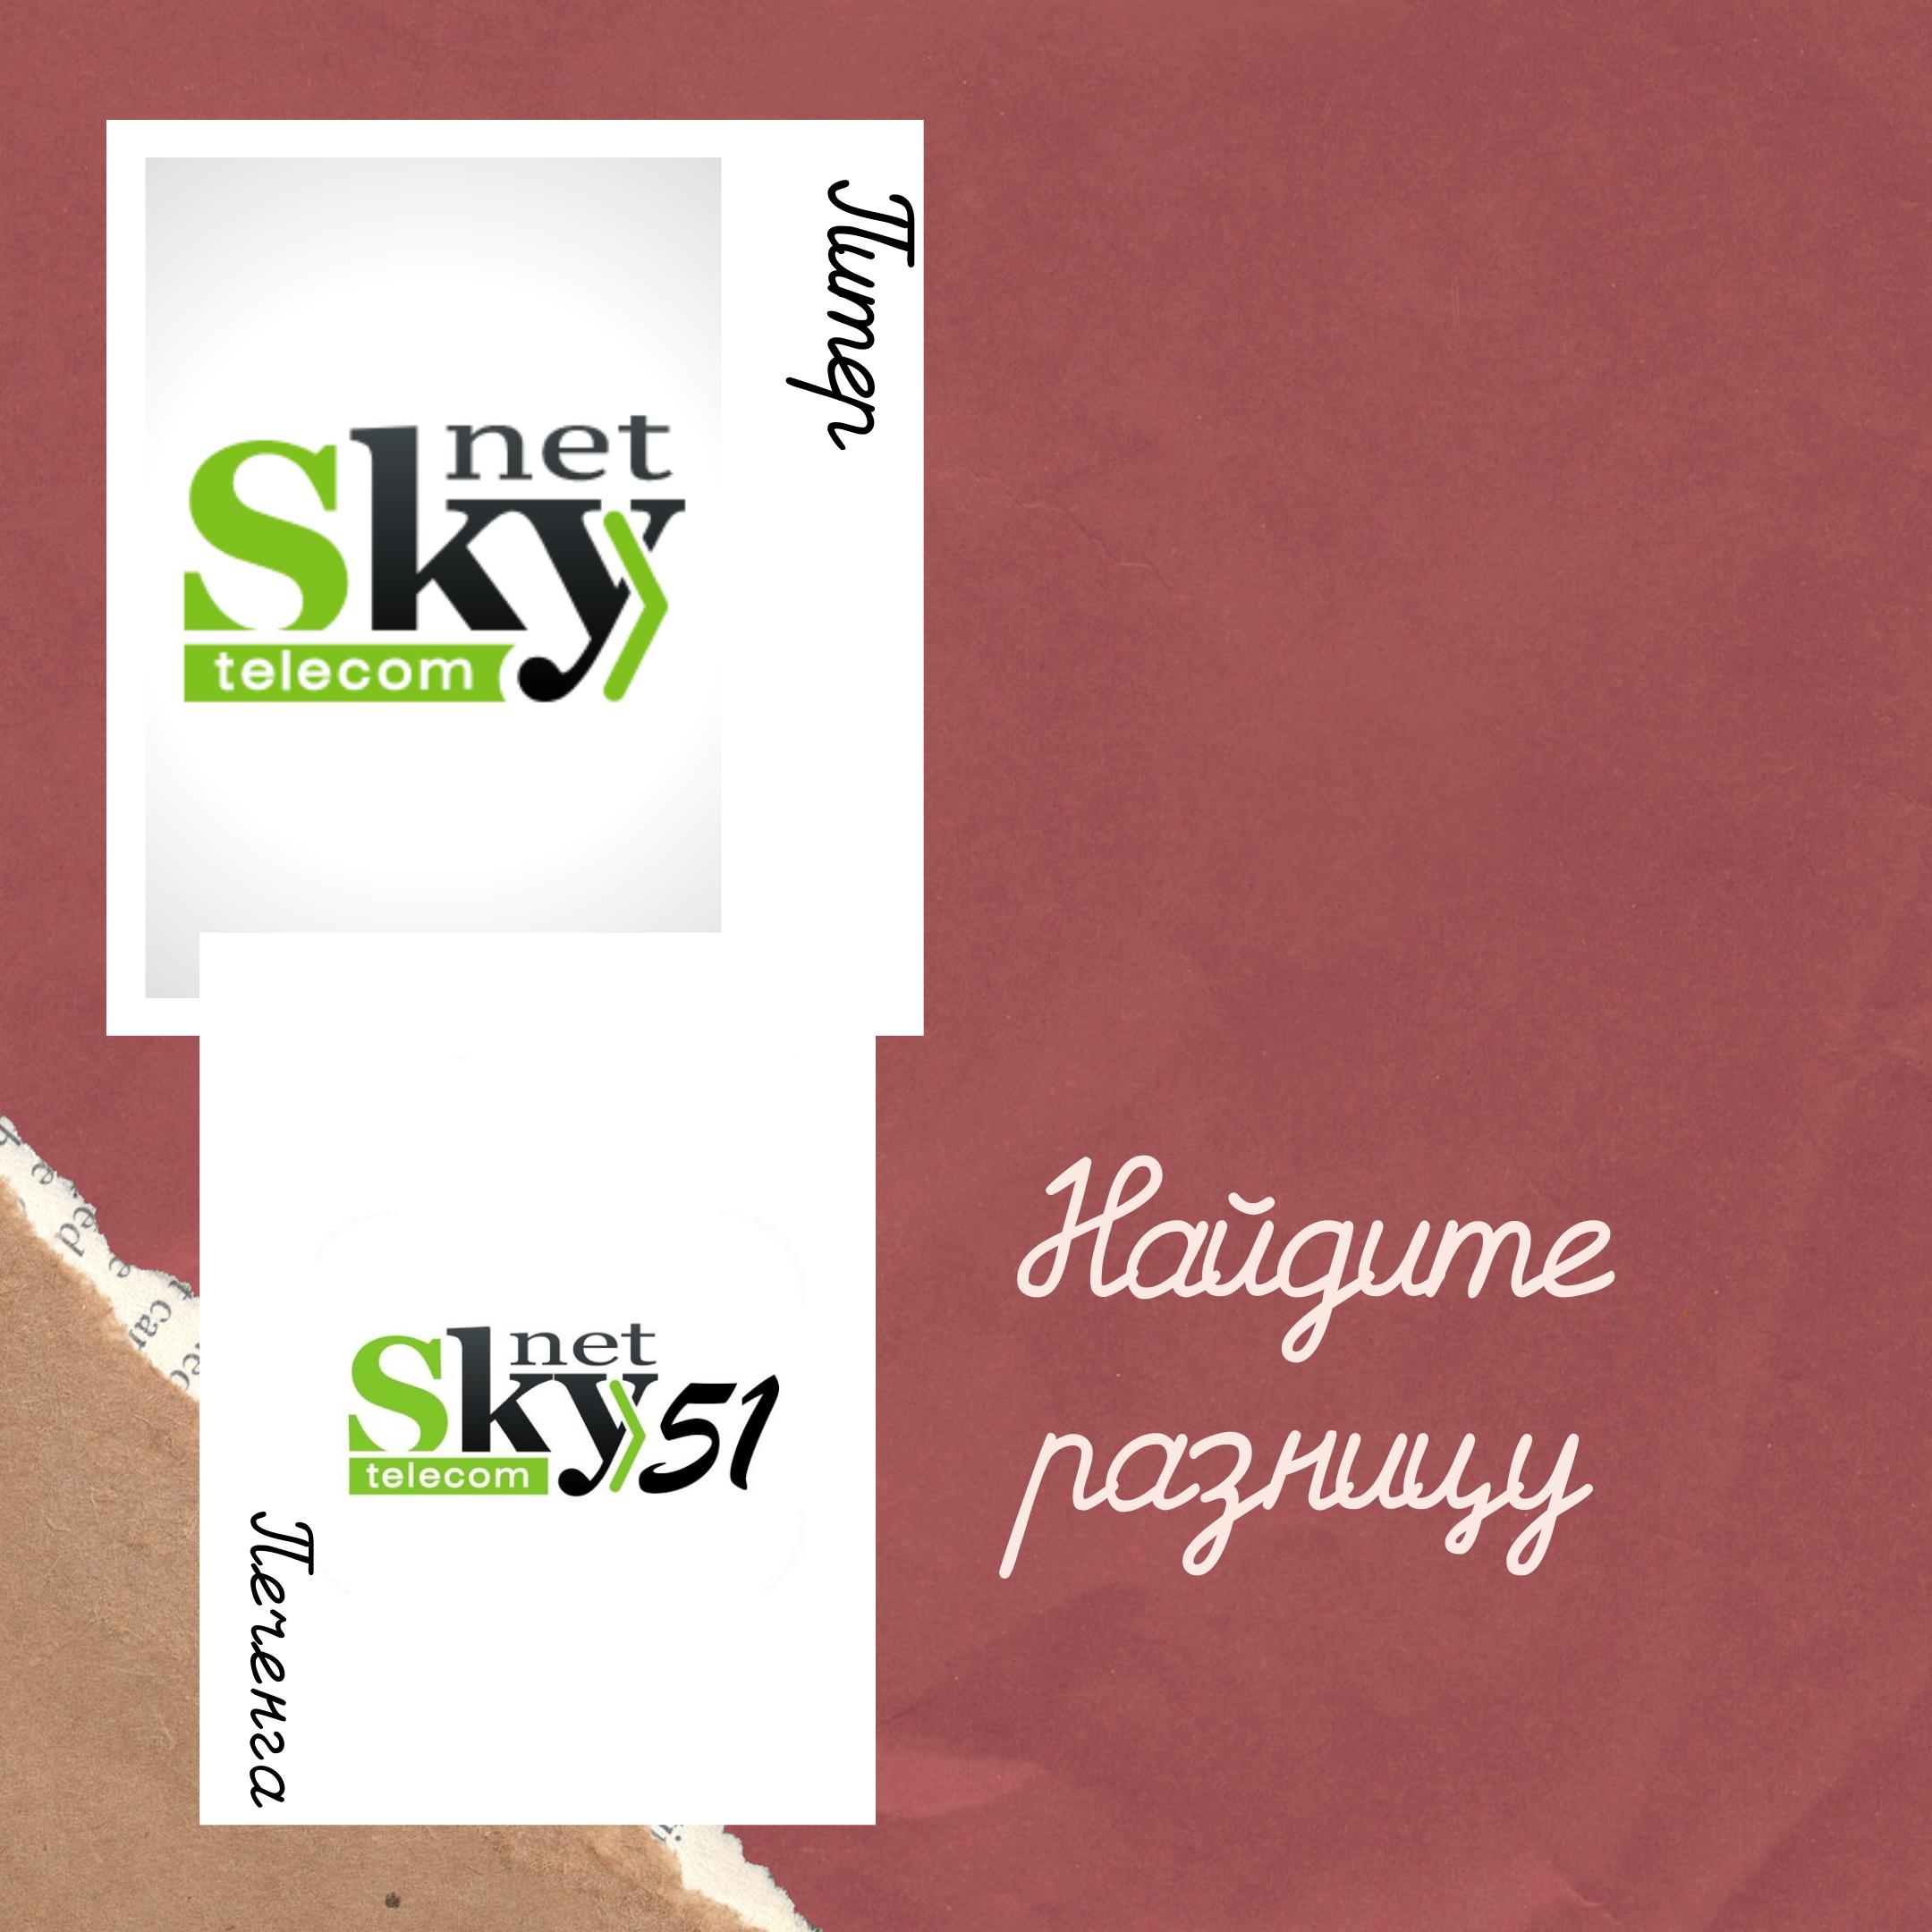 SkyNet или SkyNet51, давайте разбираться в чем же разница? 1